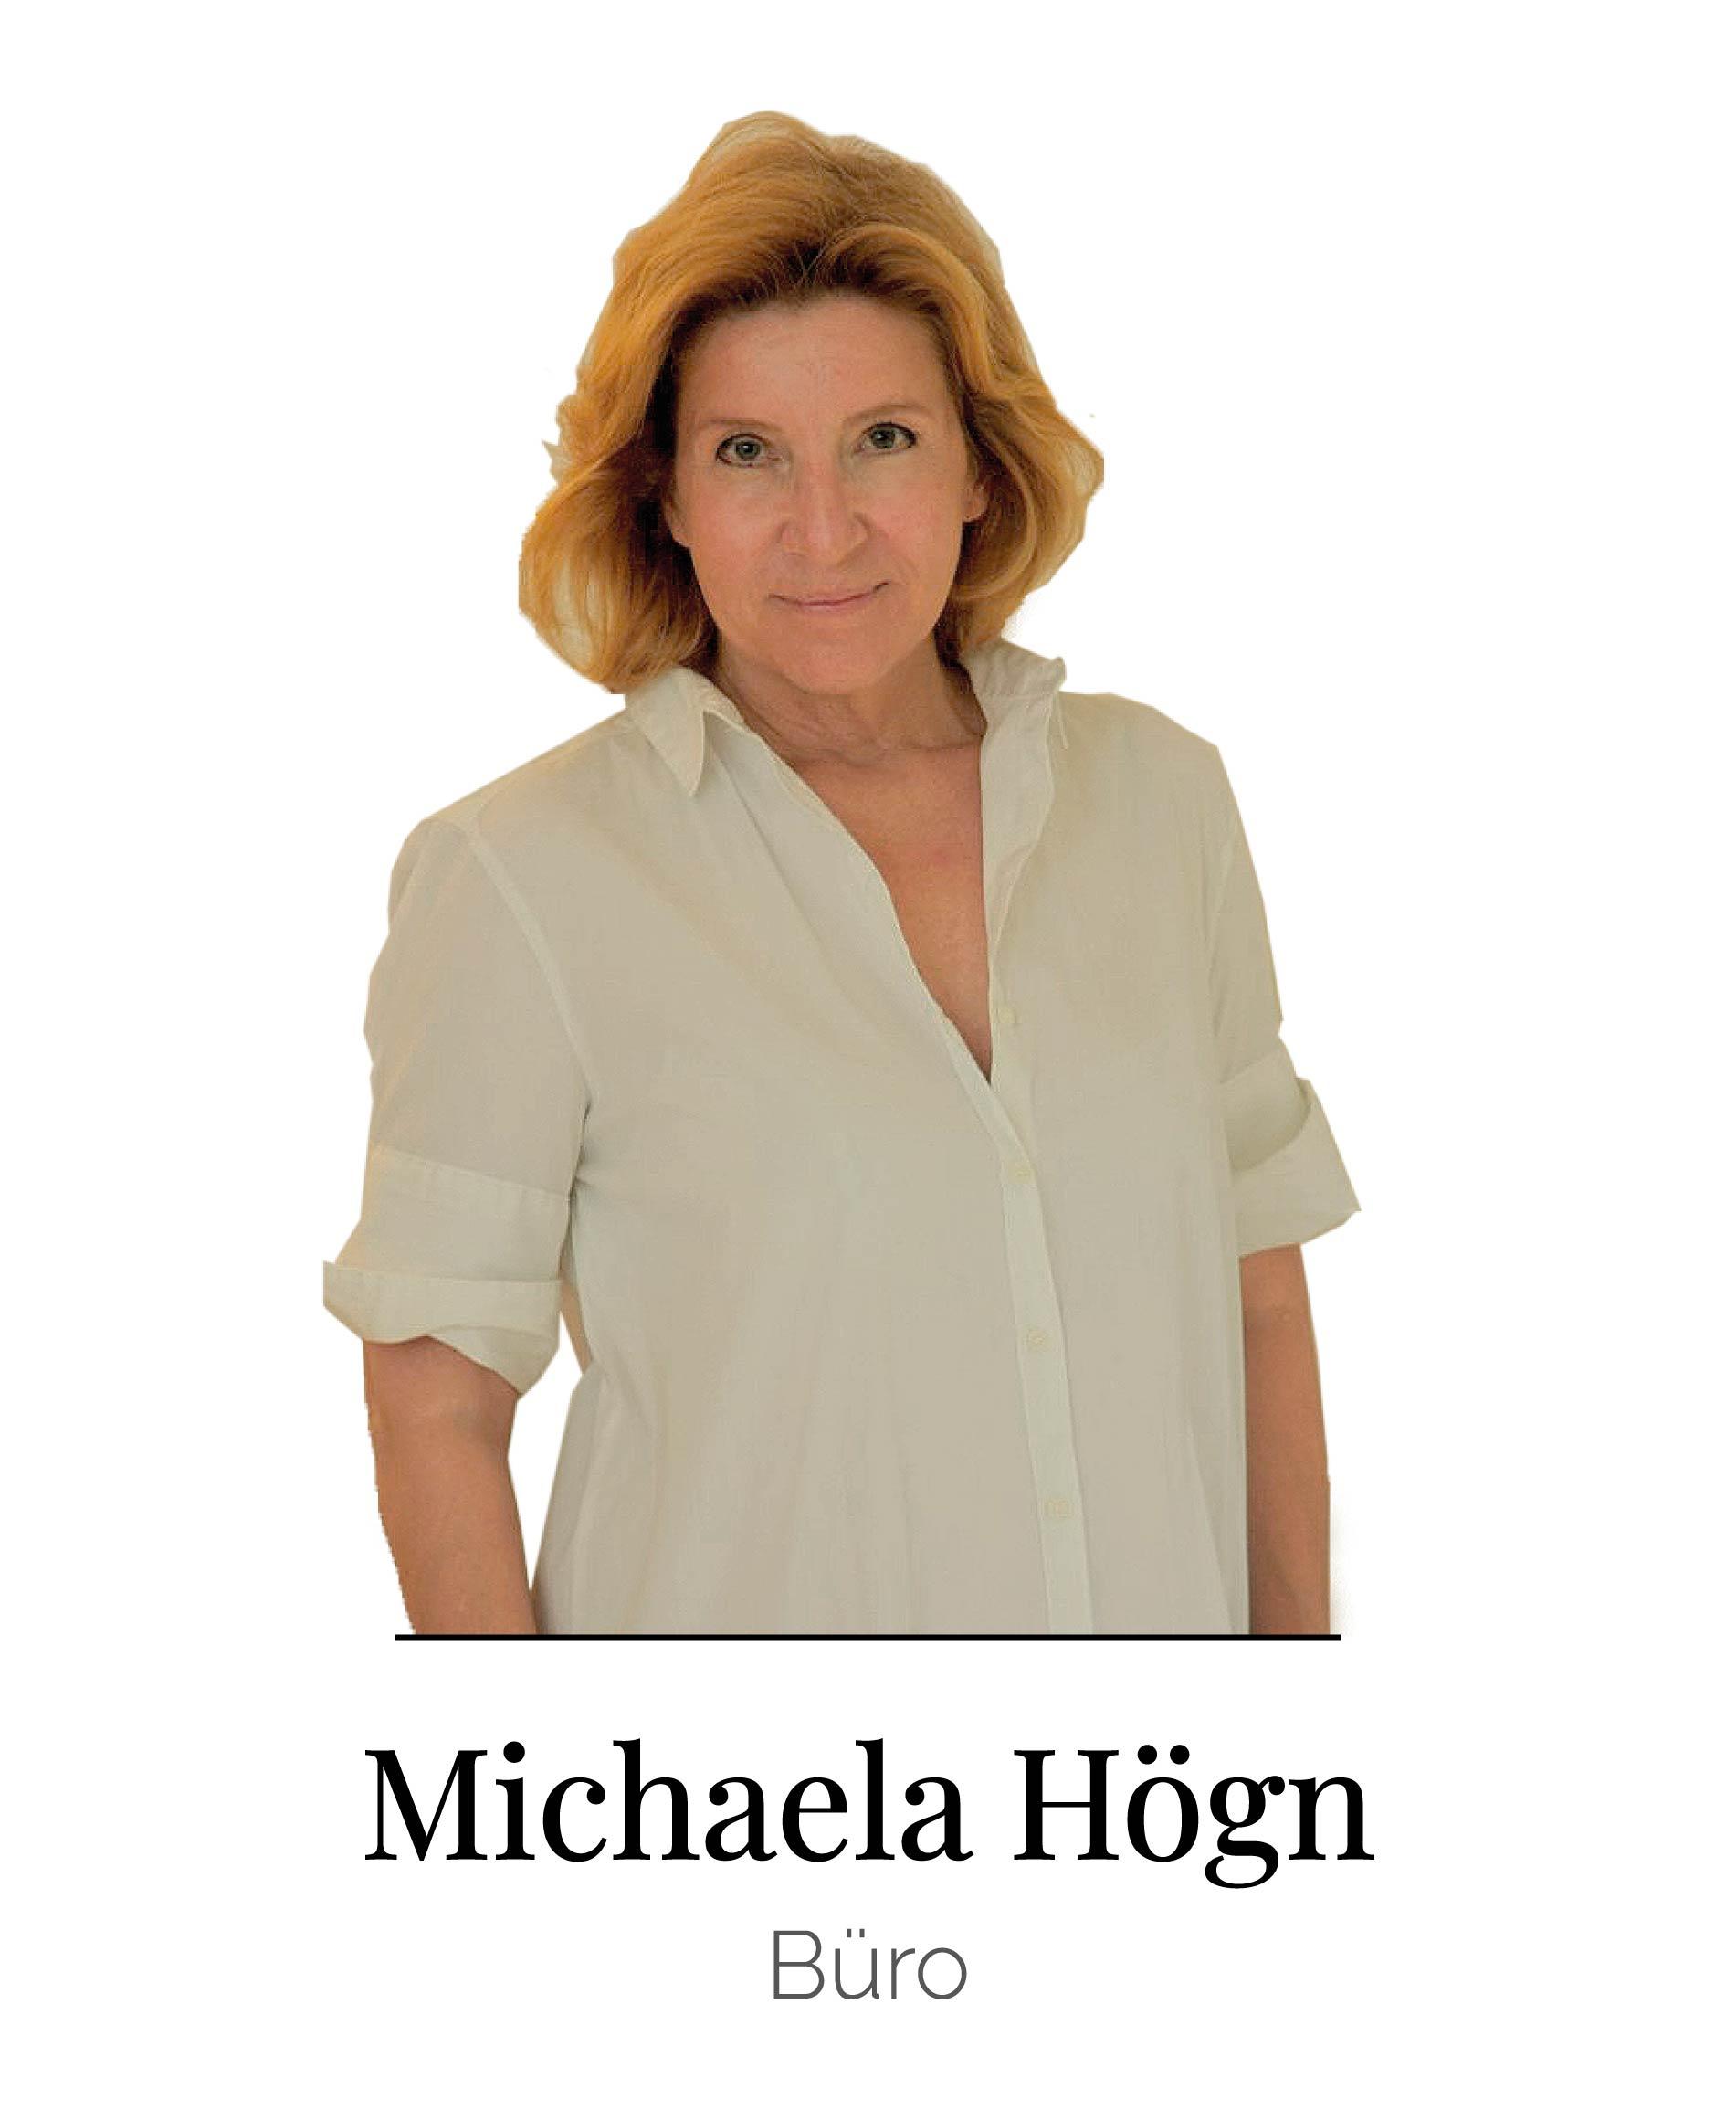 Michaela Högn